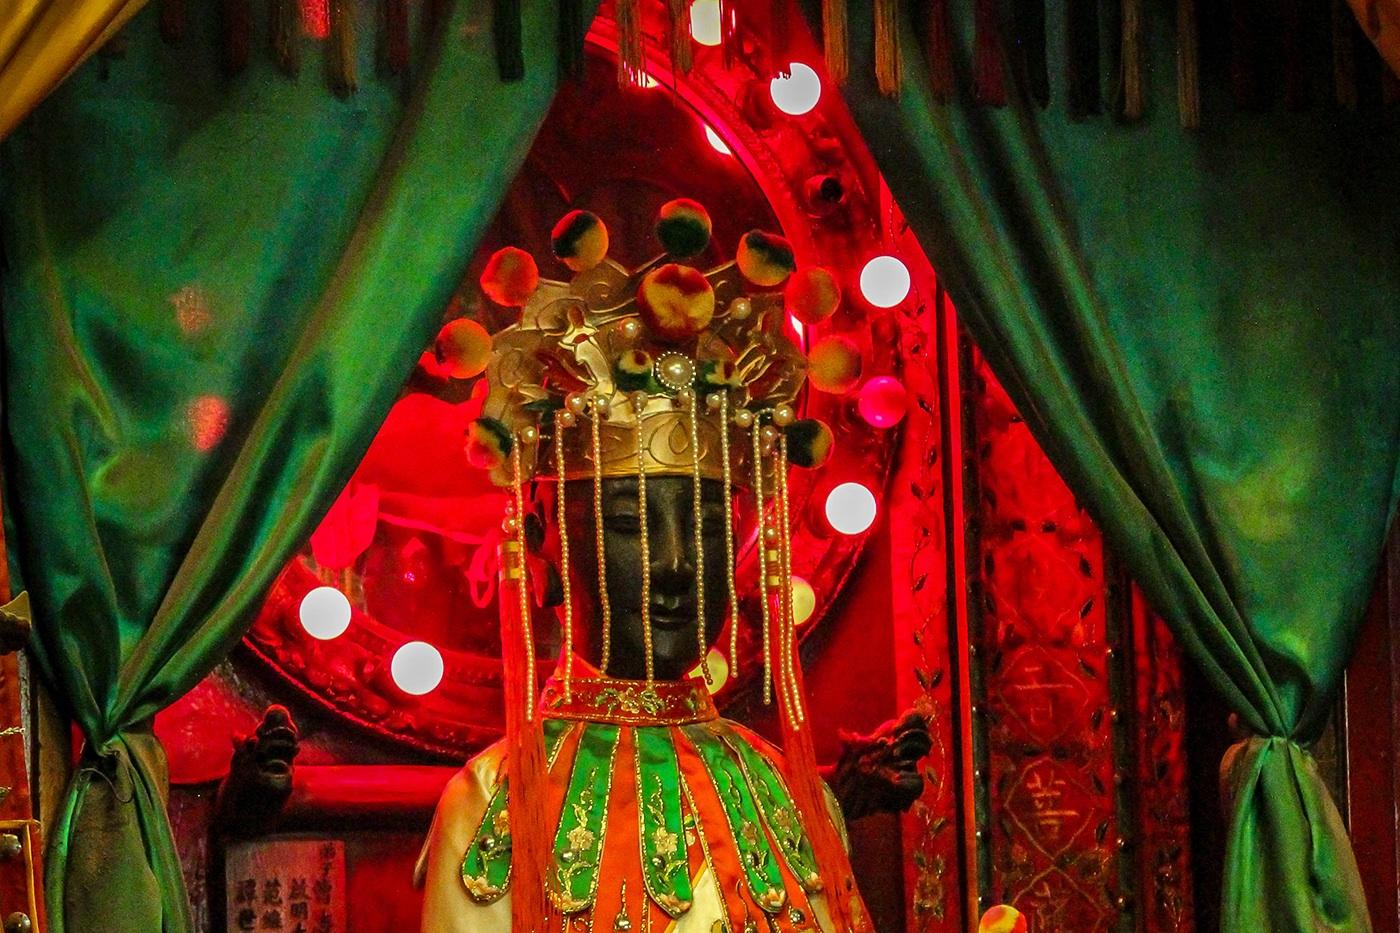 Traditional Hong Kong Kwun Yum statues - Kwun Yum or Shui Yuet temple in Shan Tung Street